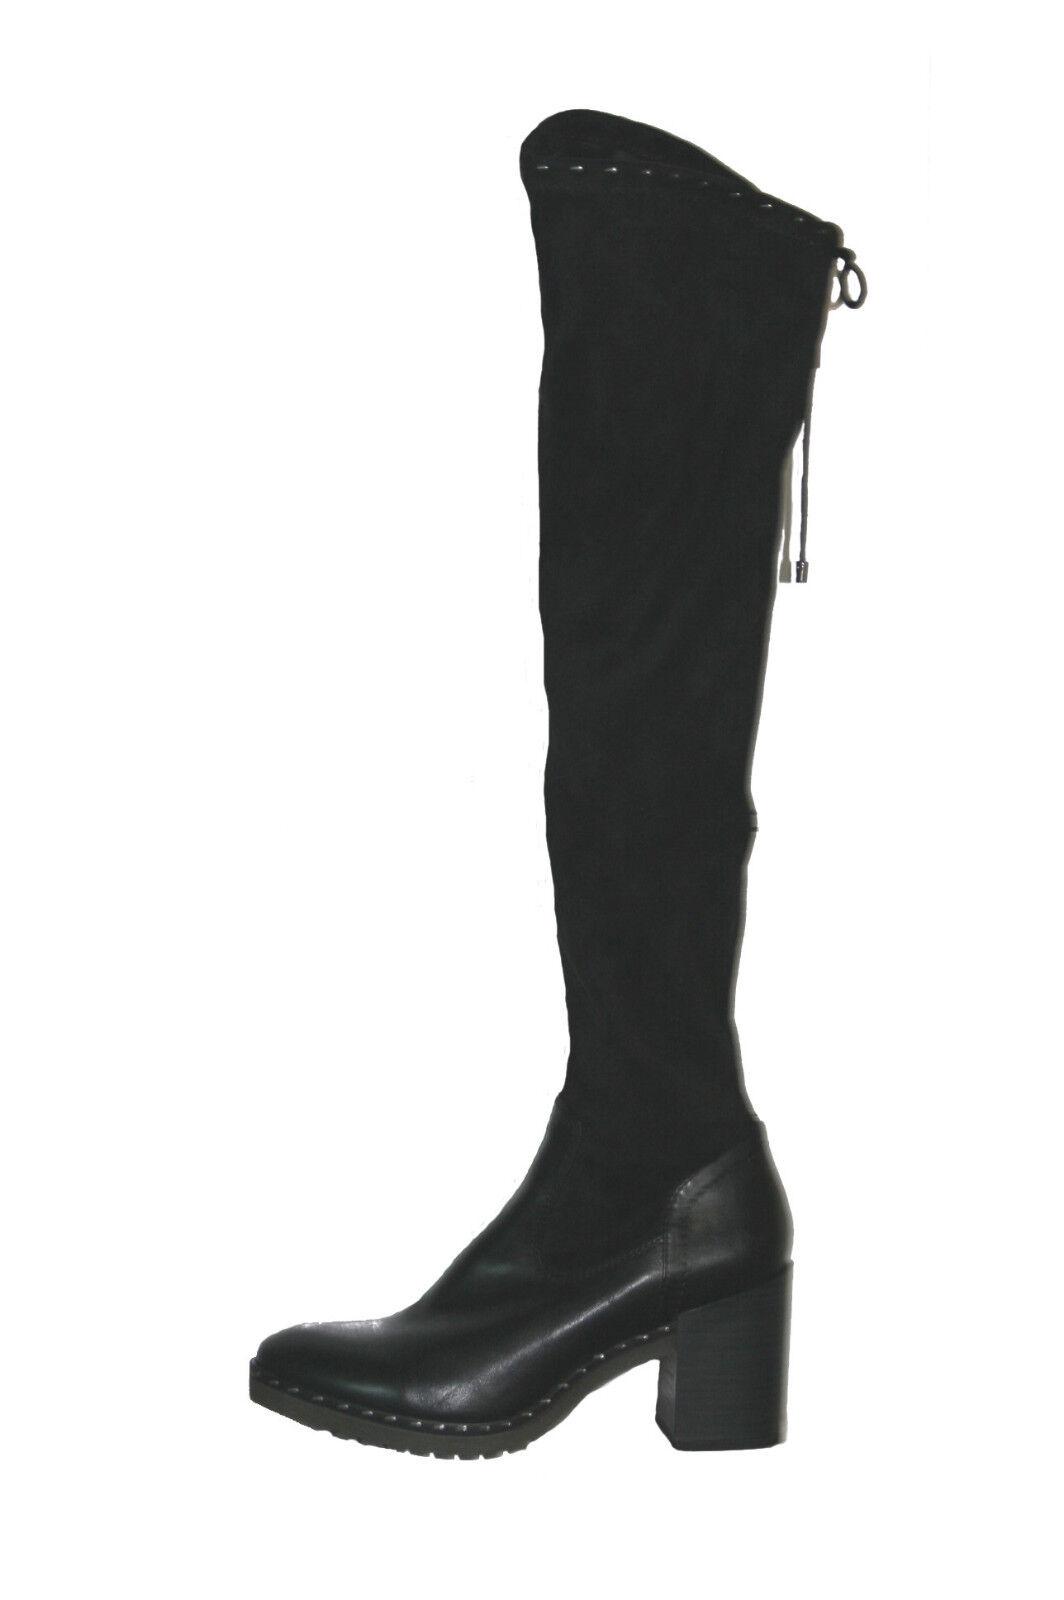 Tamaris Damen Trend Stiefel 1 25536 39 001 Schwarz Edel Freizeit Gr. 37 Neu